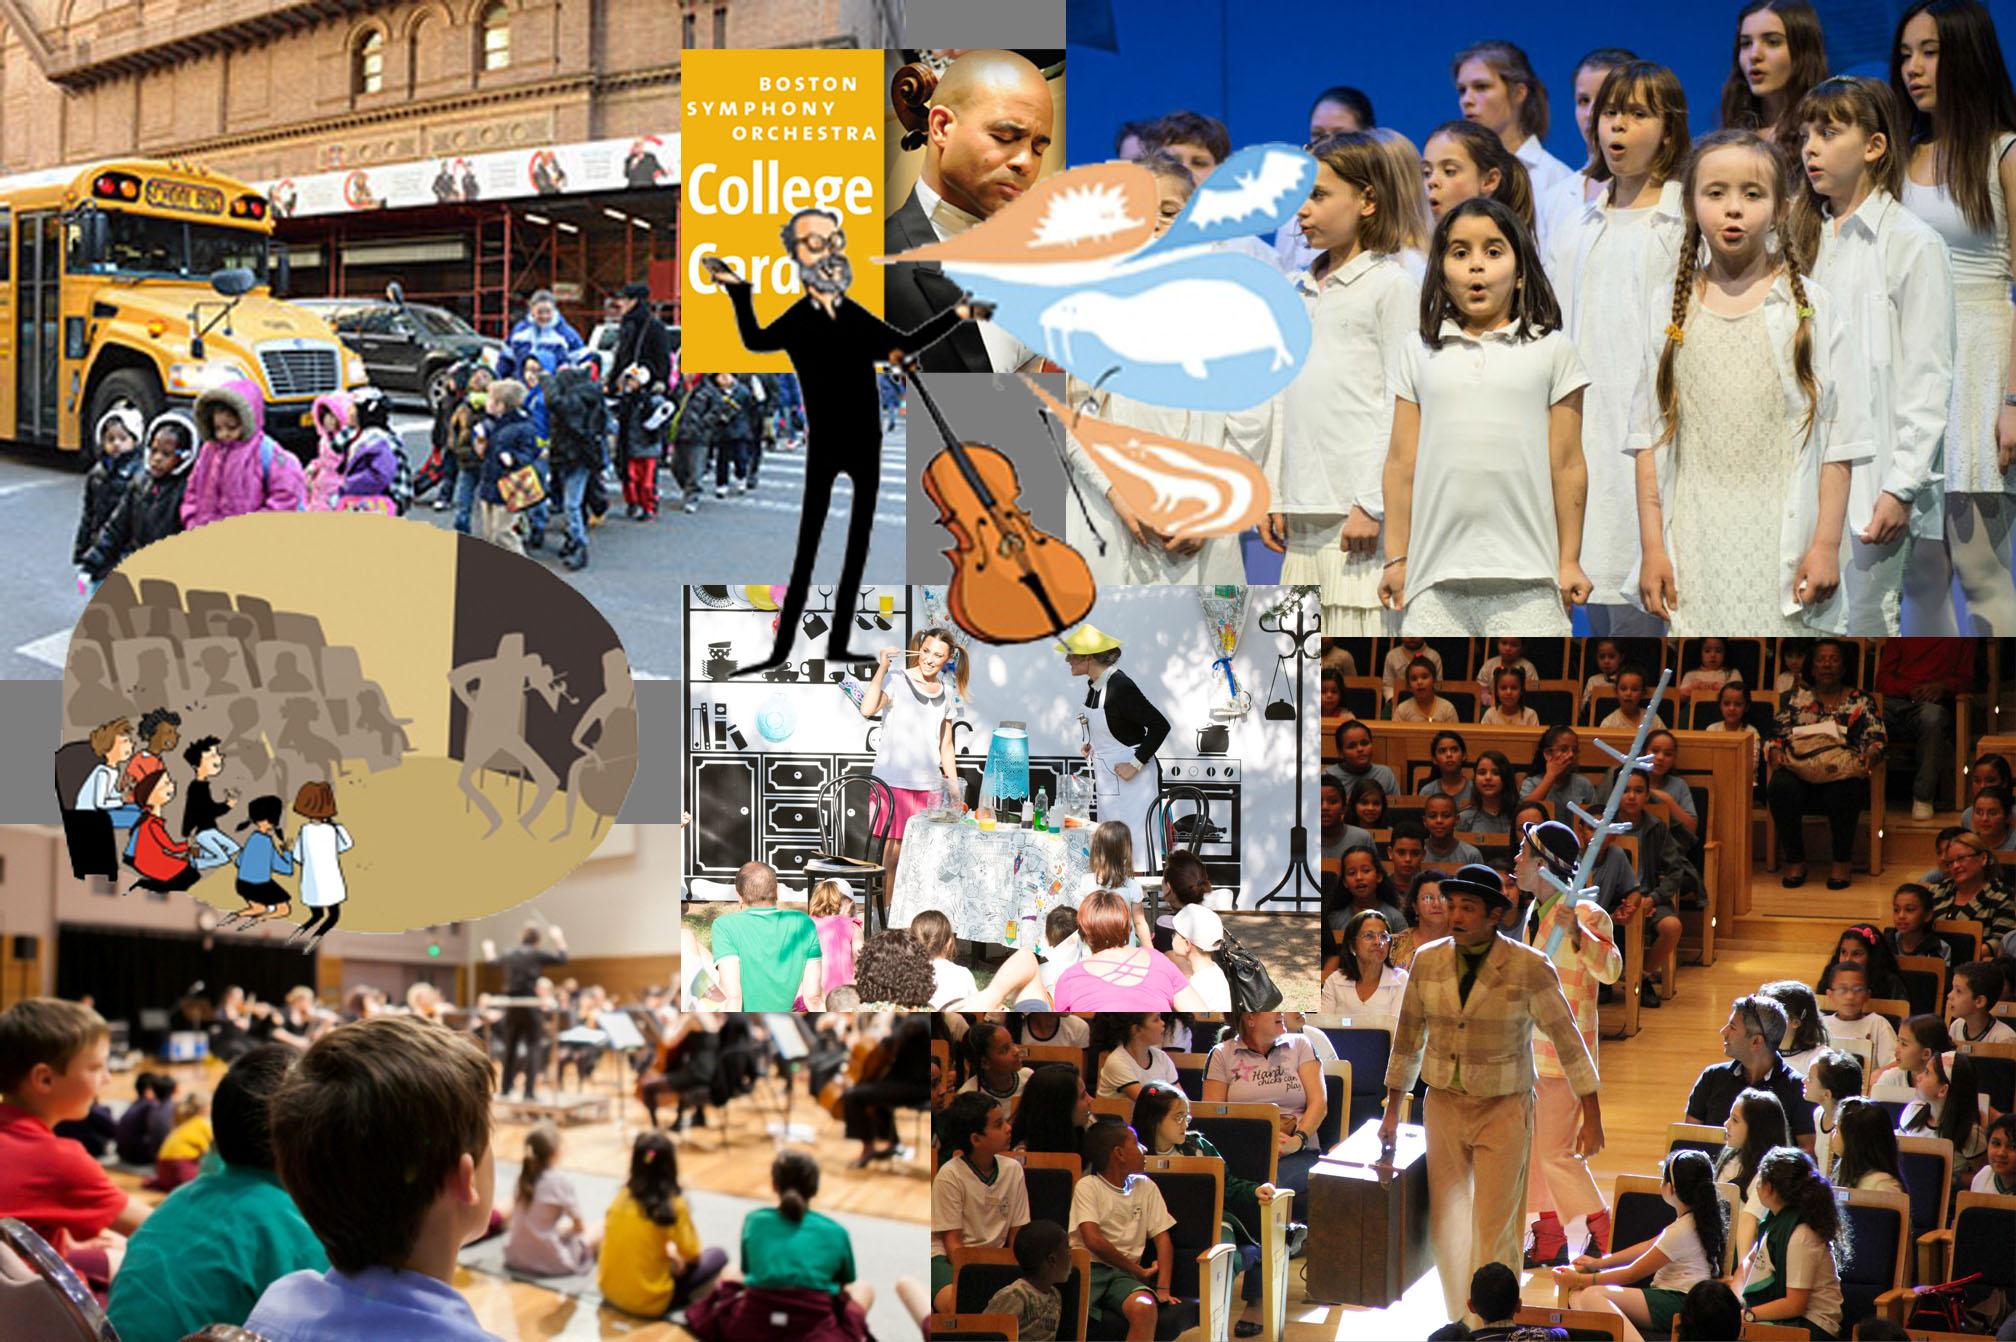 Programas educativos en Ópera, Orquestas y Teatros